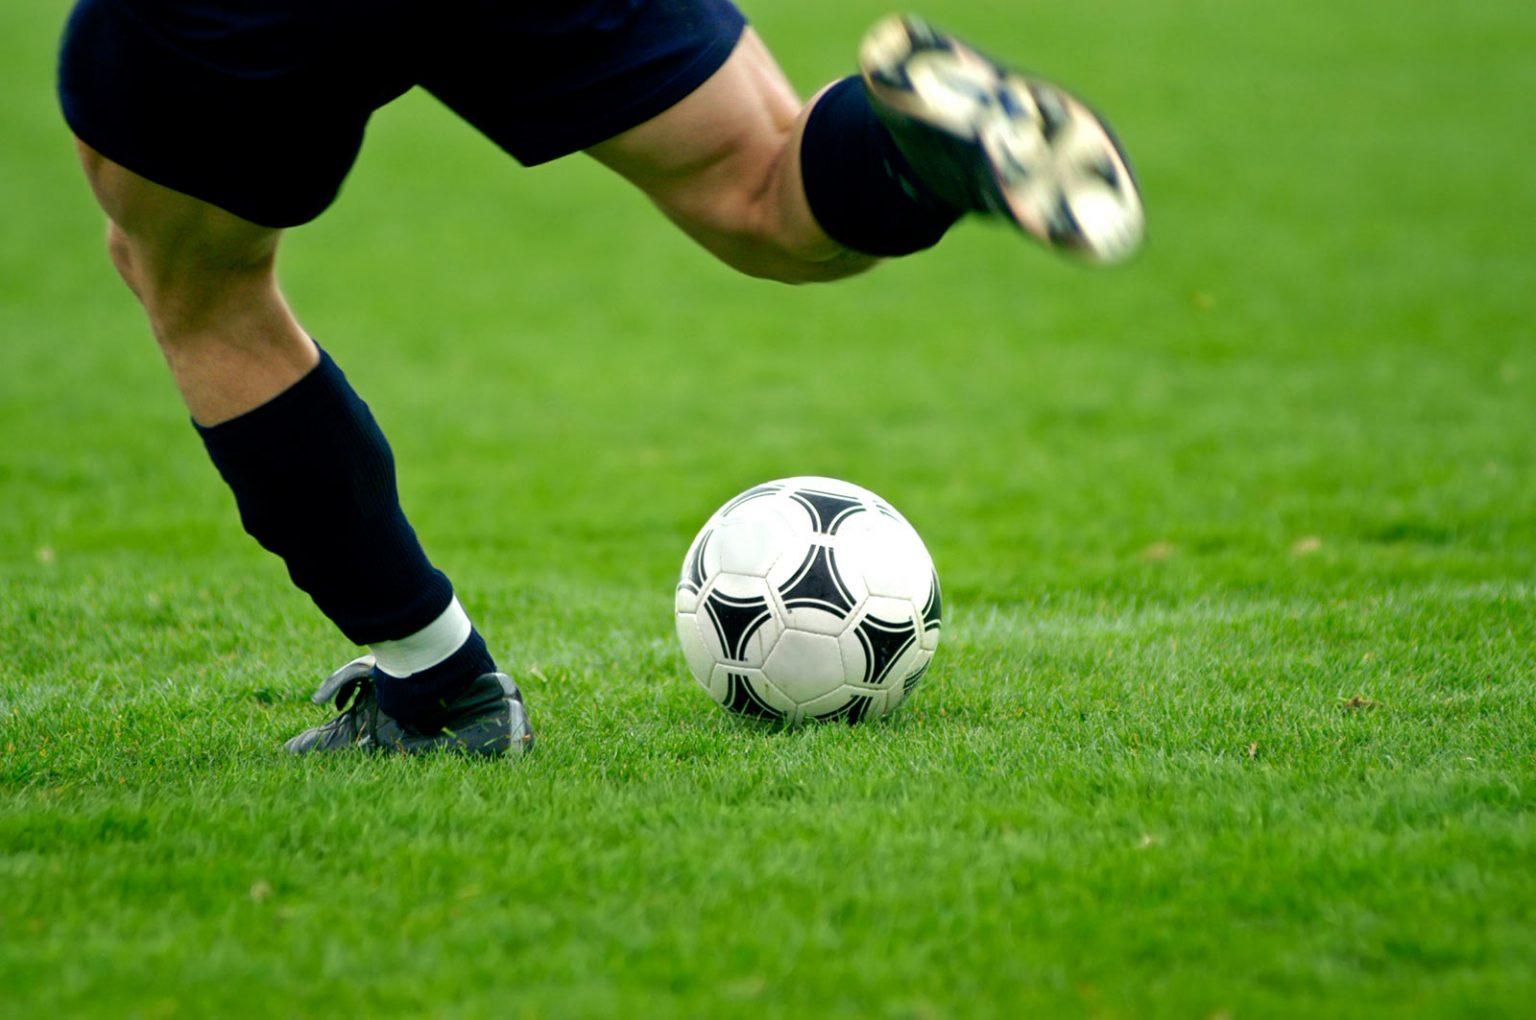 LA FIFA TRANSFORME LES AGENTS SPORTIFS EN INTERMEDIAIRES SANS LICENCE... UN LEURRE ?